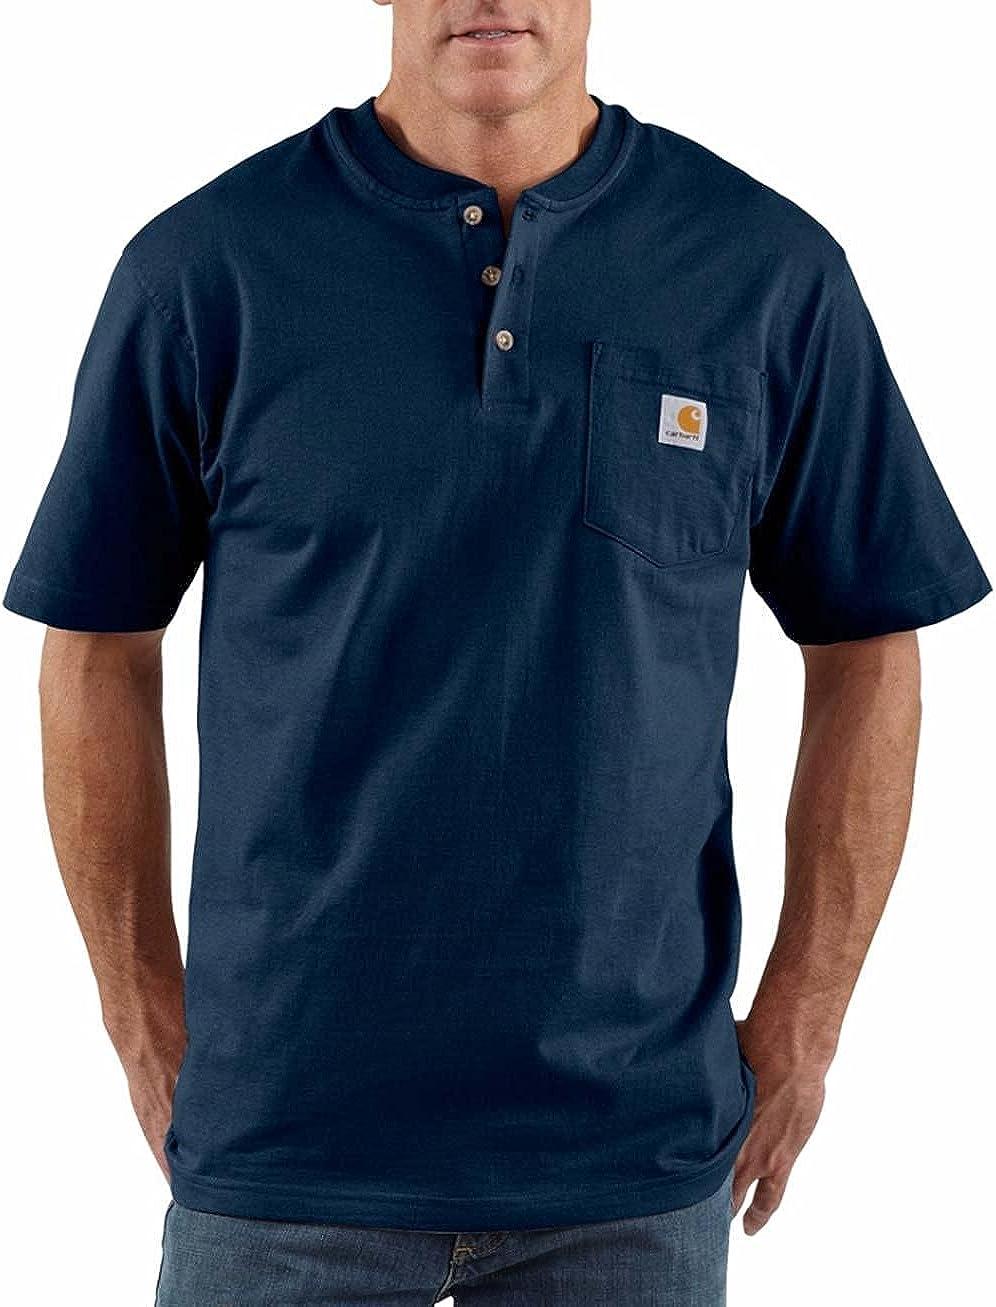 Carhartt Men's Workwear Pocket Henley Shirt (Regular and Big & Tall Sizes)